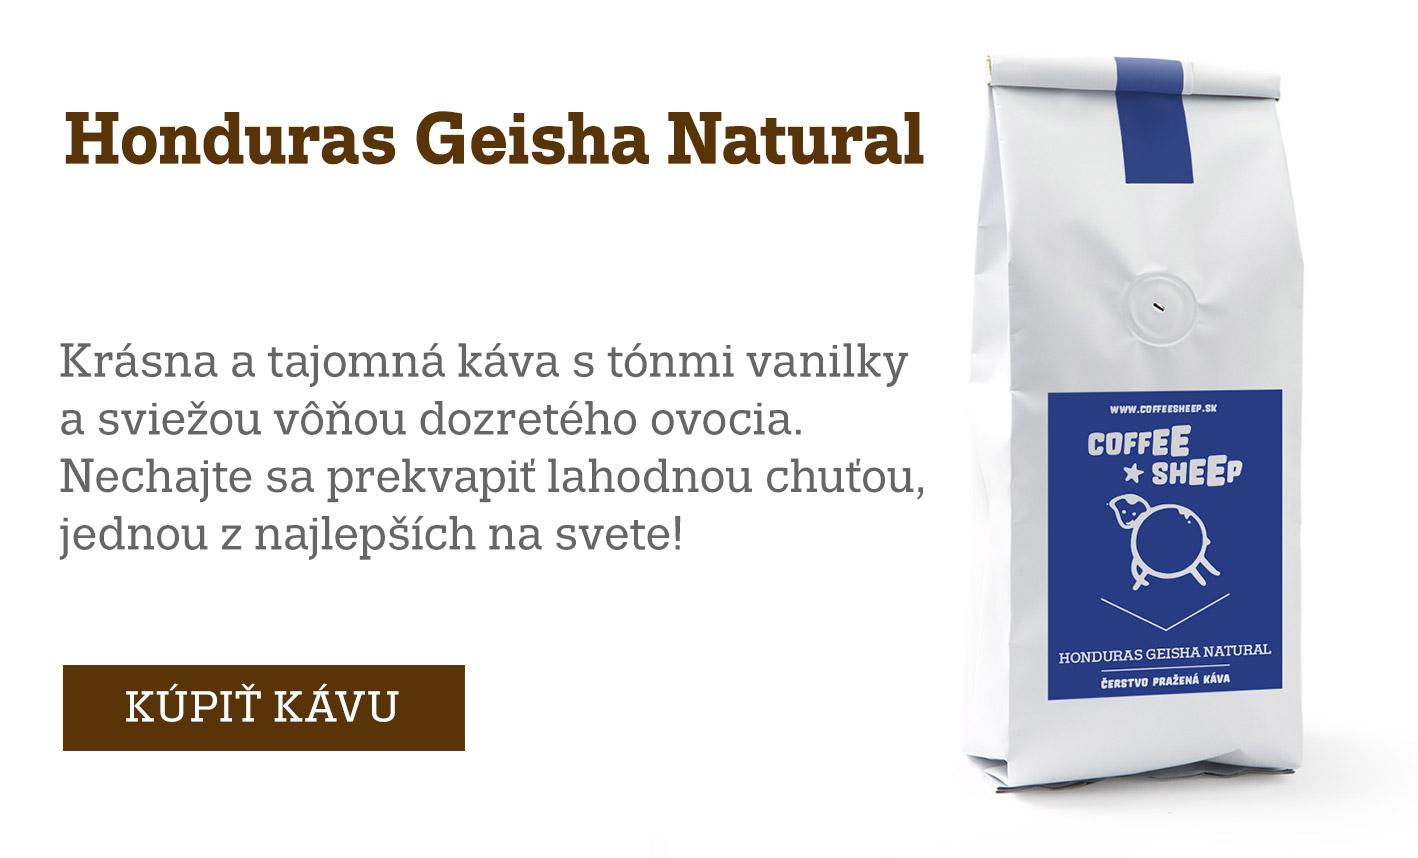 Káva Honduras Geisha Natural